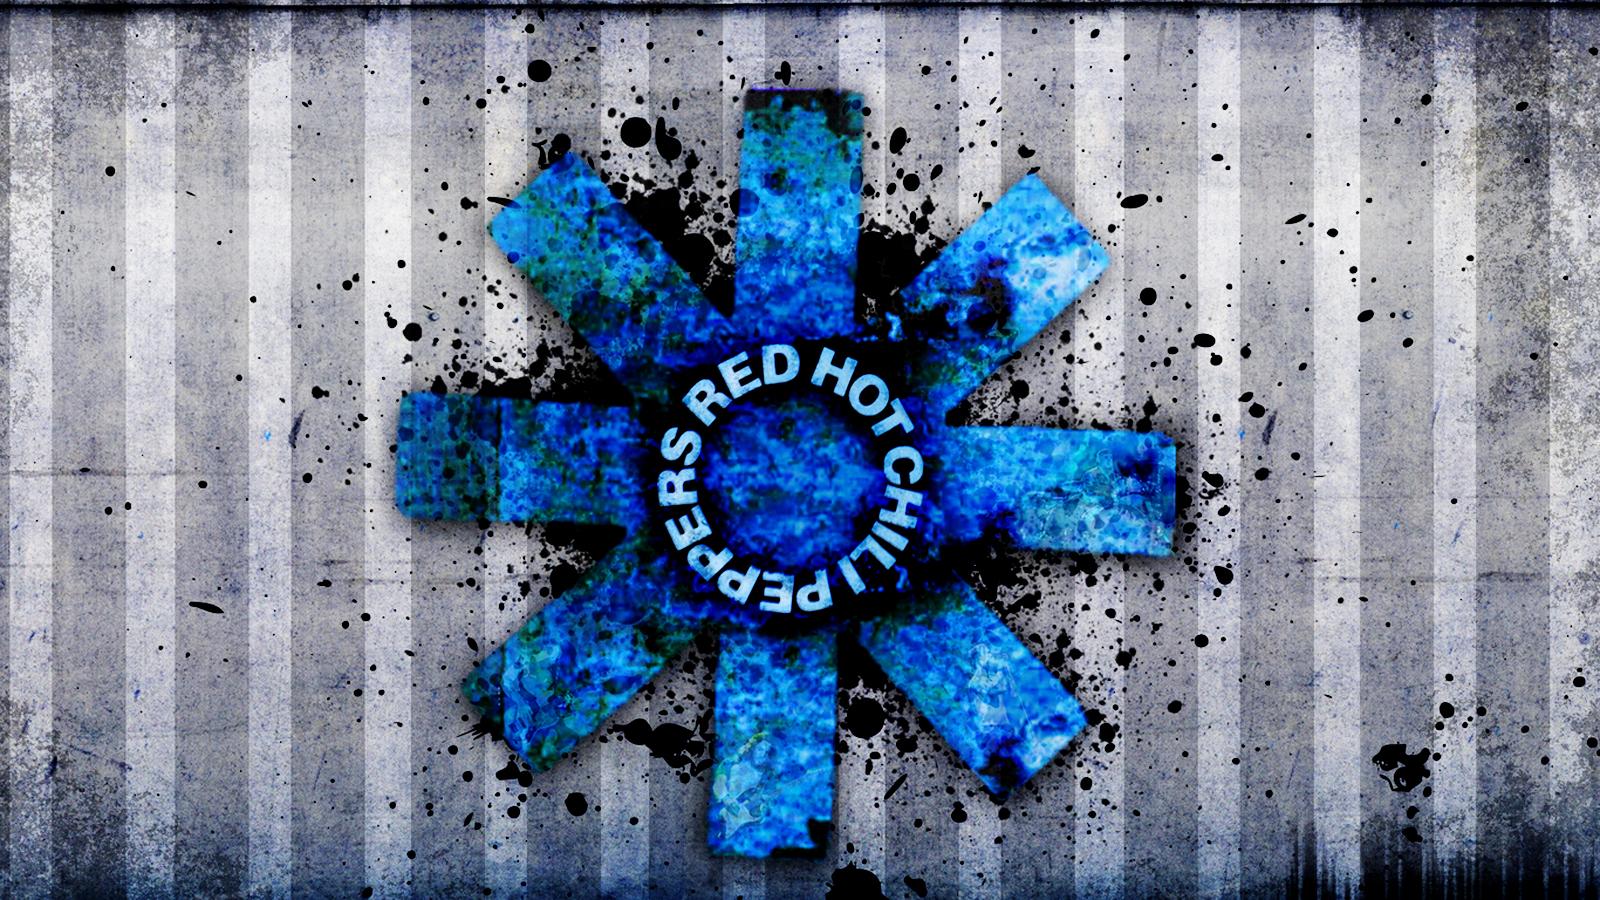 http://3.bp.blogspot.com/-H2FahpkDN9U/TzL71xpW0uI/AAAAAAAAAkI/Uc2sysIZ8eo/s1600/Red_a_Chili_Peppers_Logo_Design_HD_Wallpaper-Vvallpaper.Net.jpg